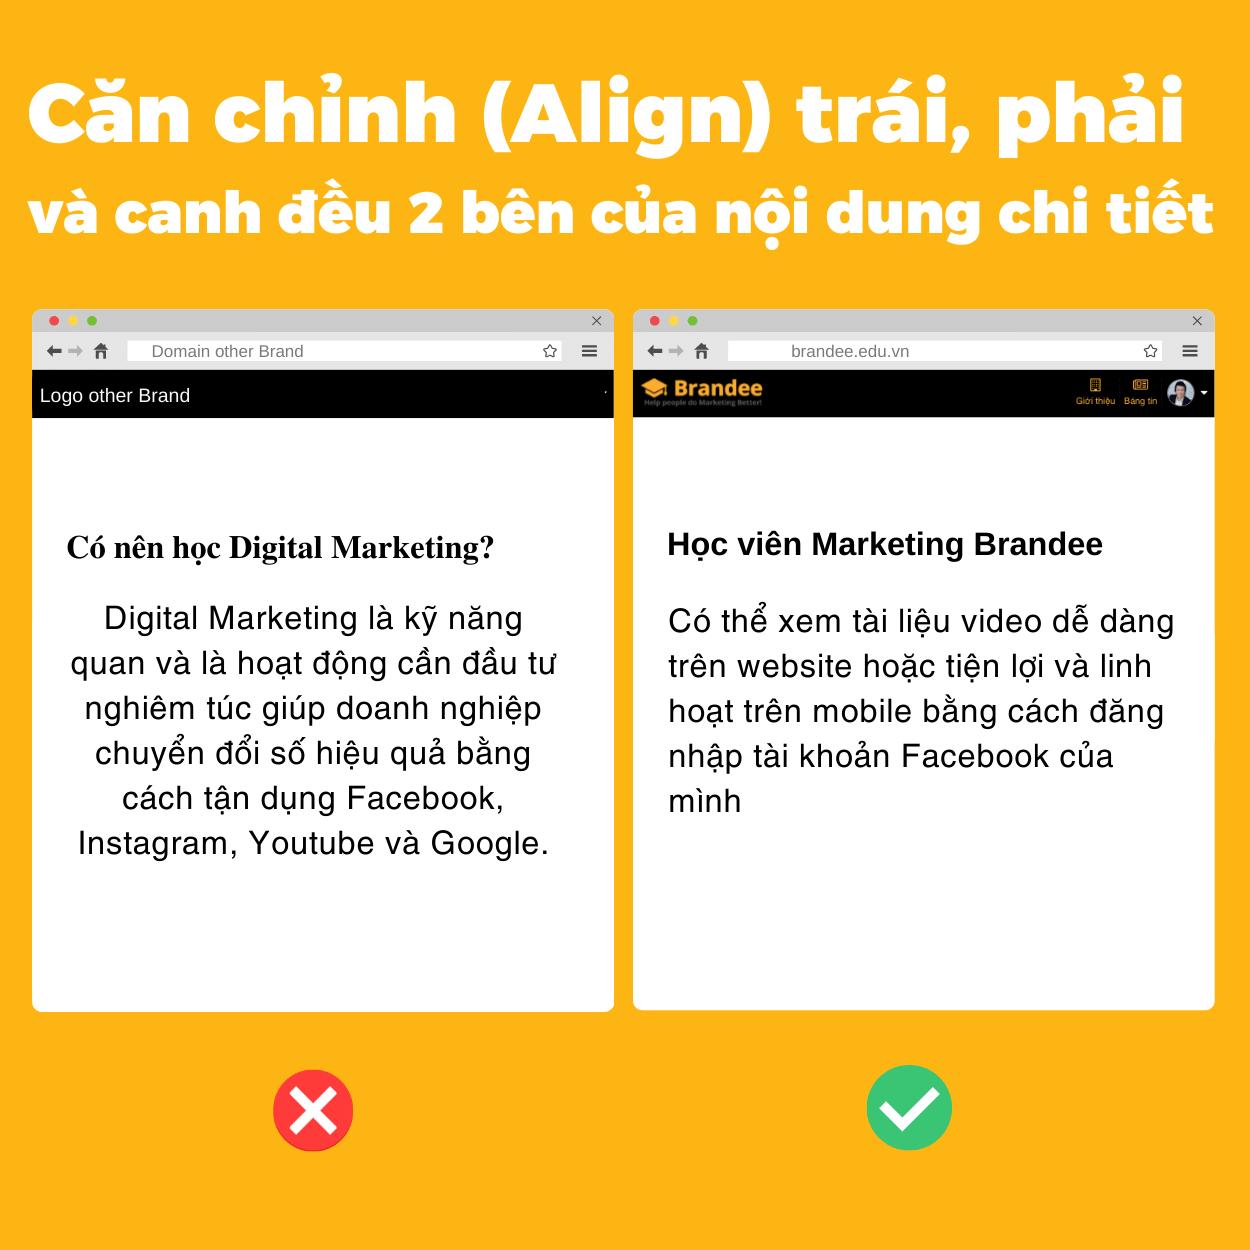 Căn chỉnh (Align) trái, phải và canh đều 2 bên của nội dung chi tết